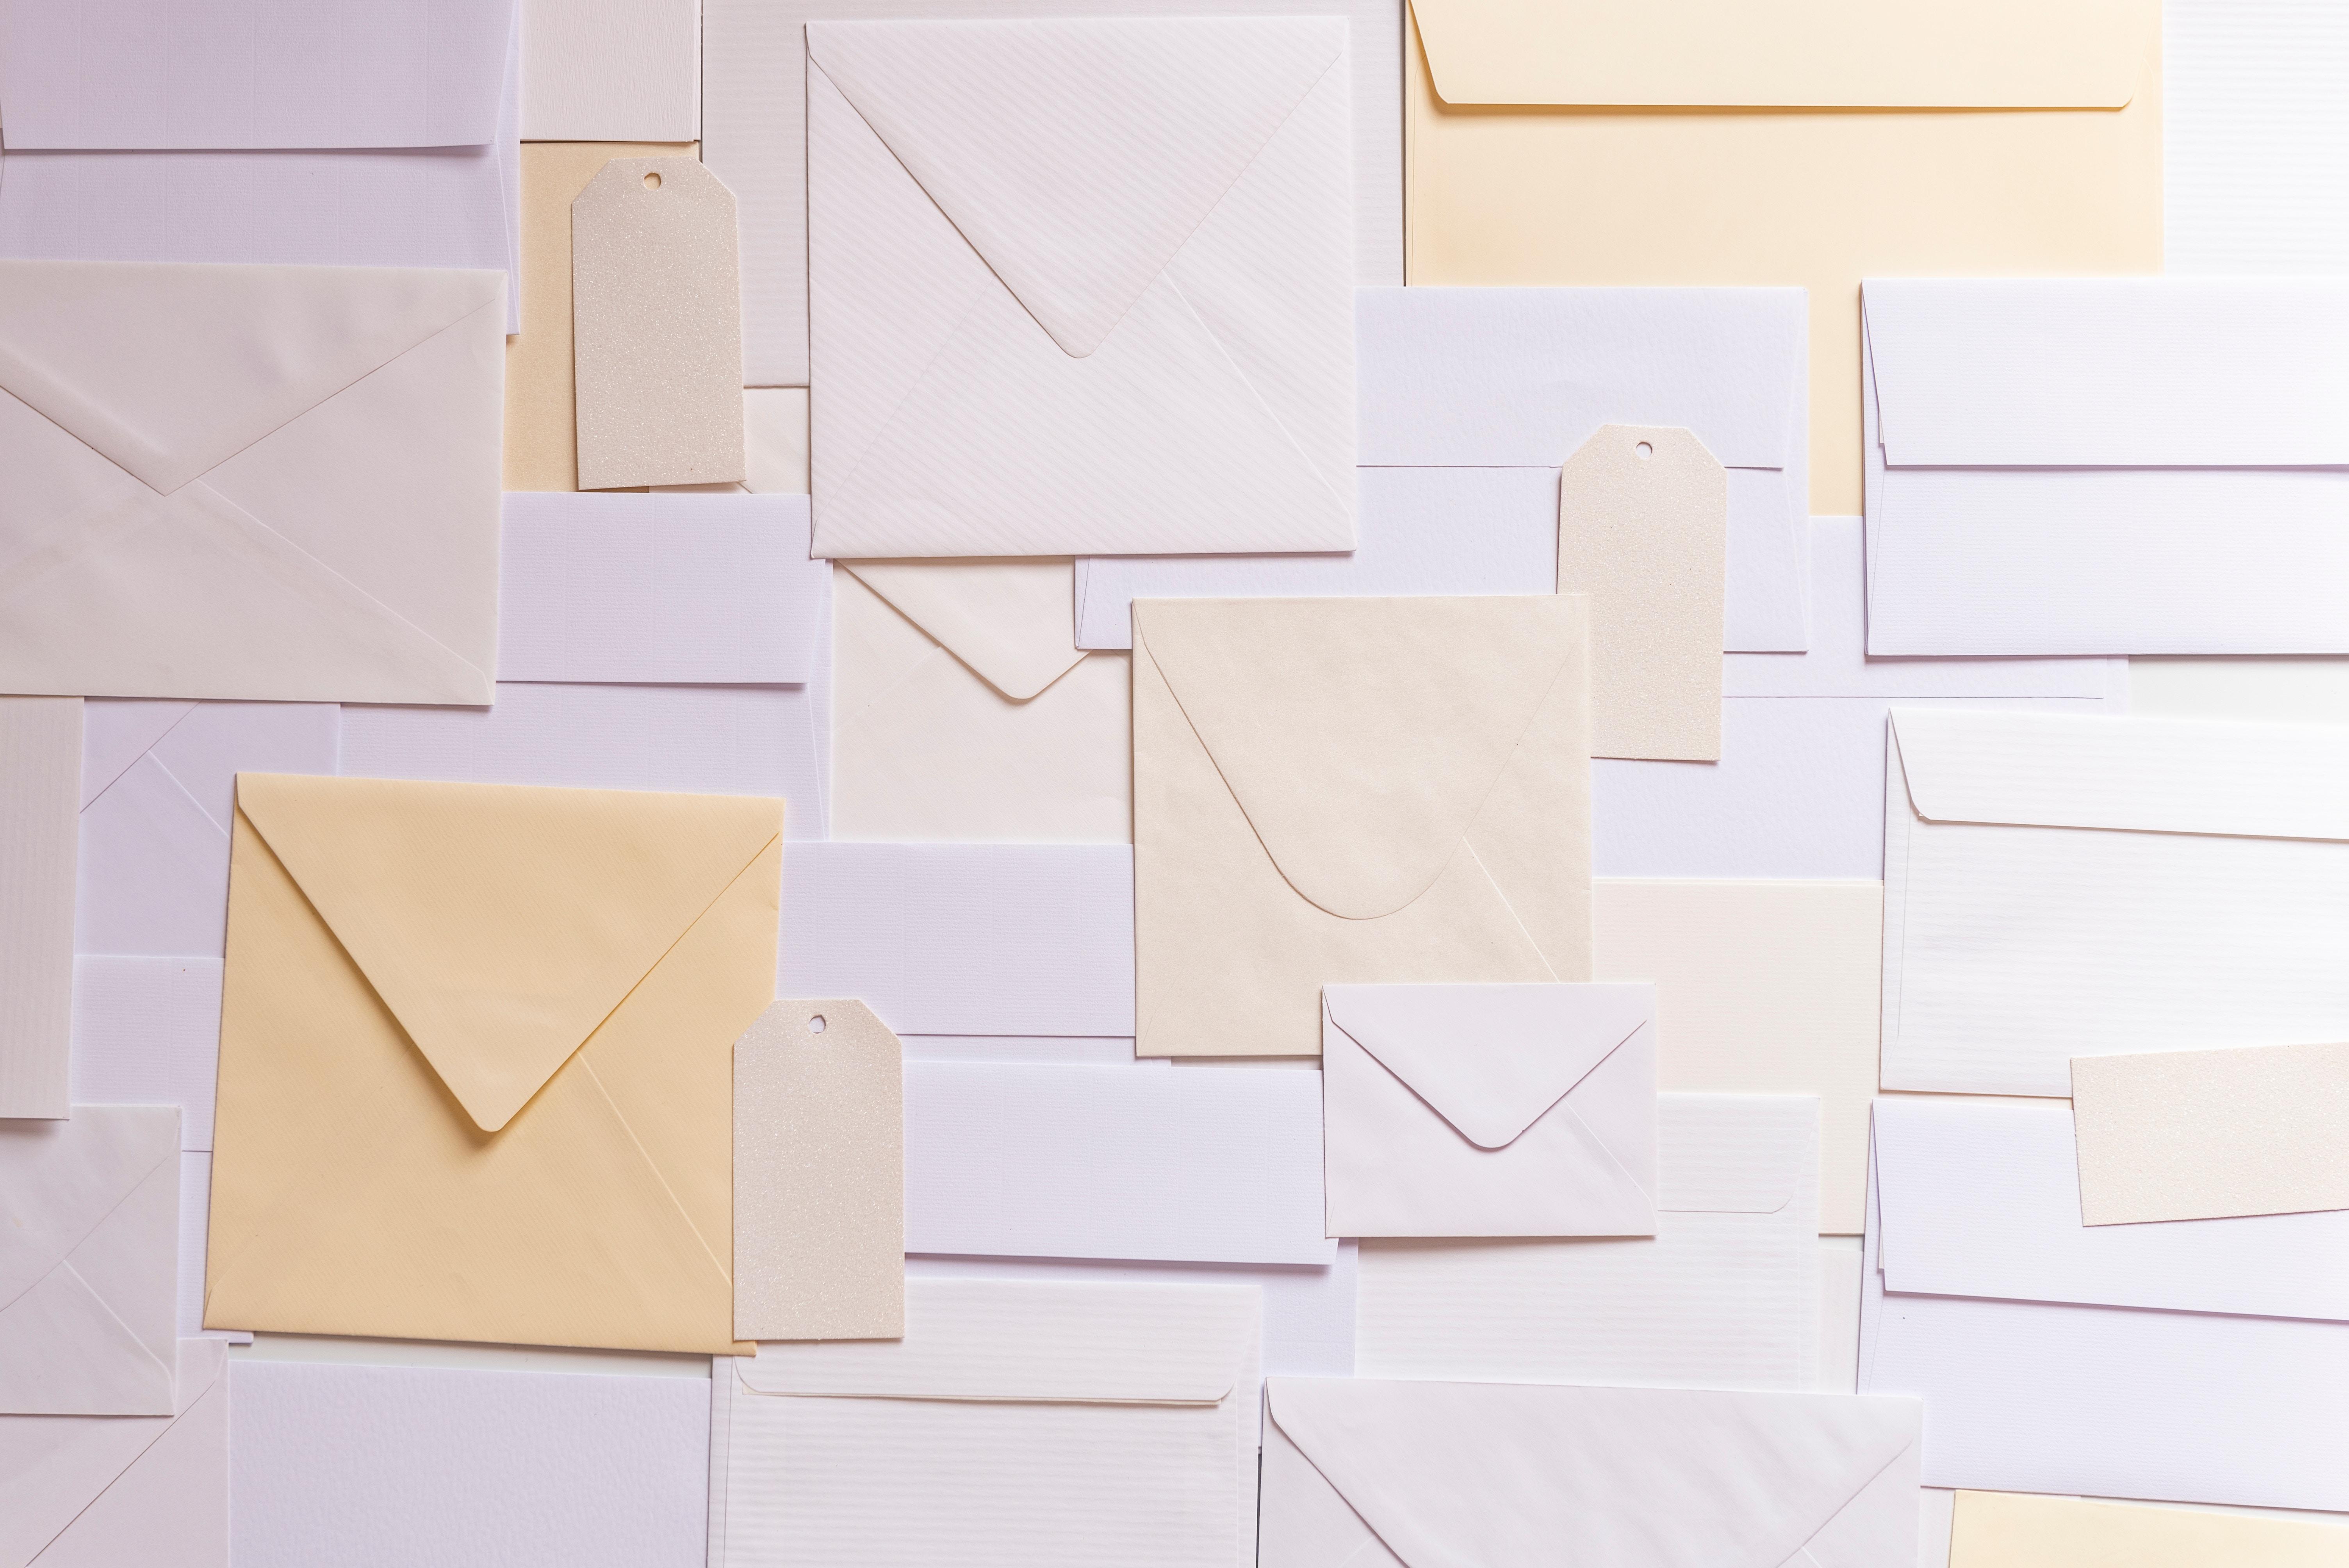 Пользователи заподозрили взлом email-хостинга на Ru-Center